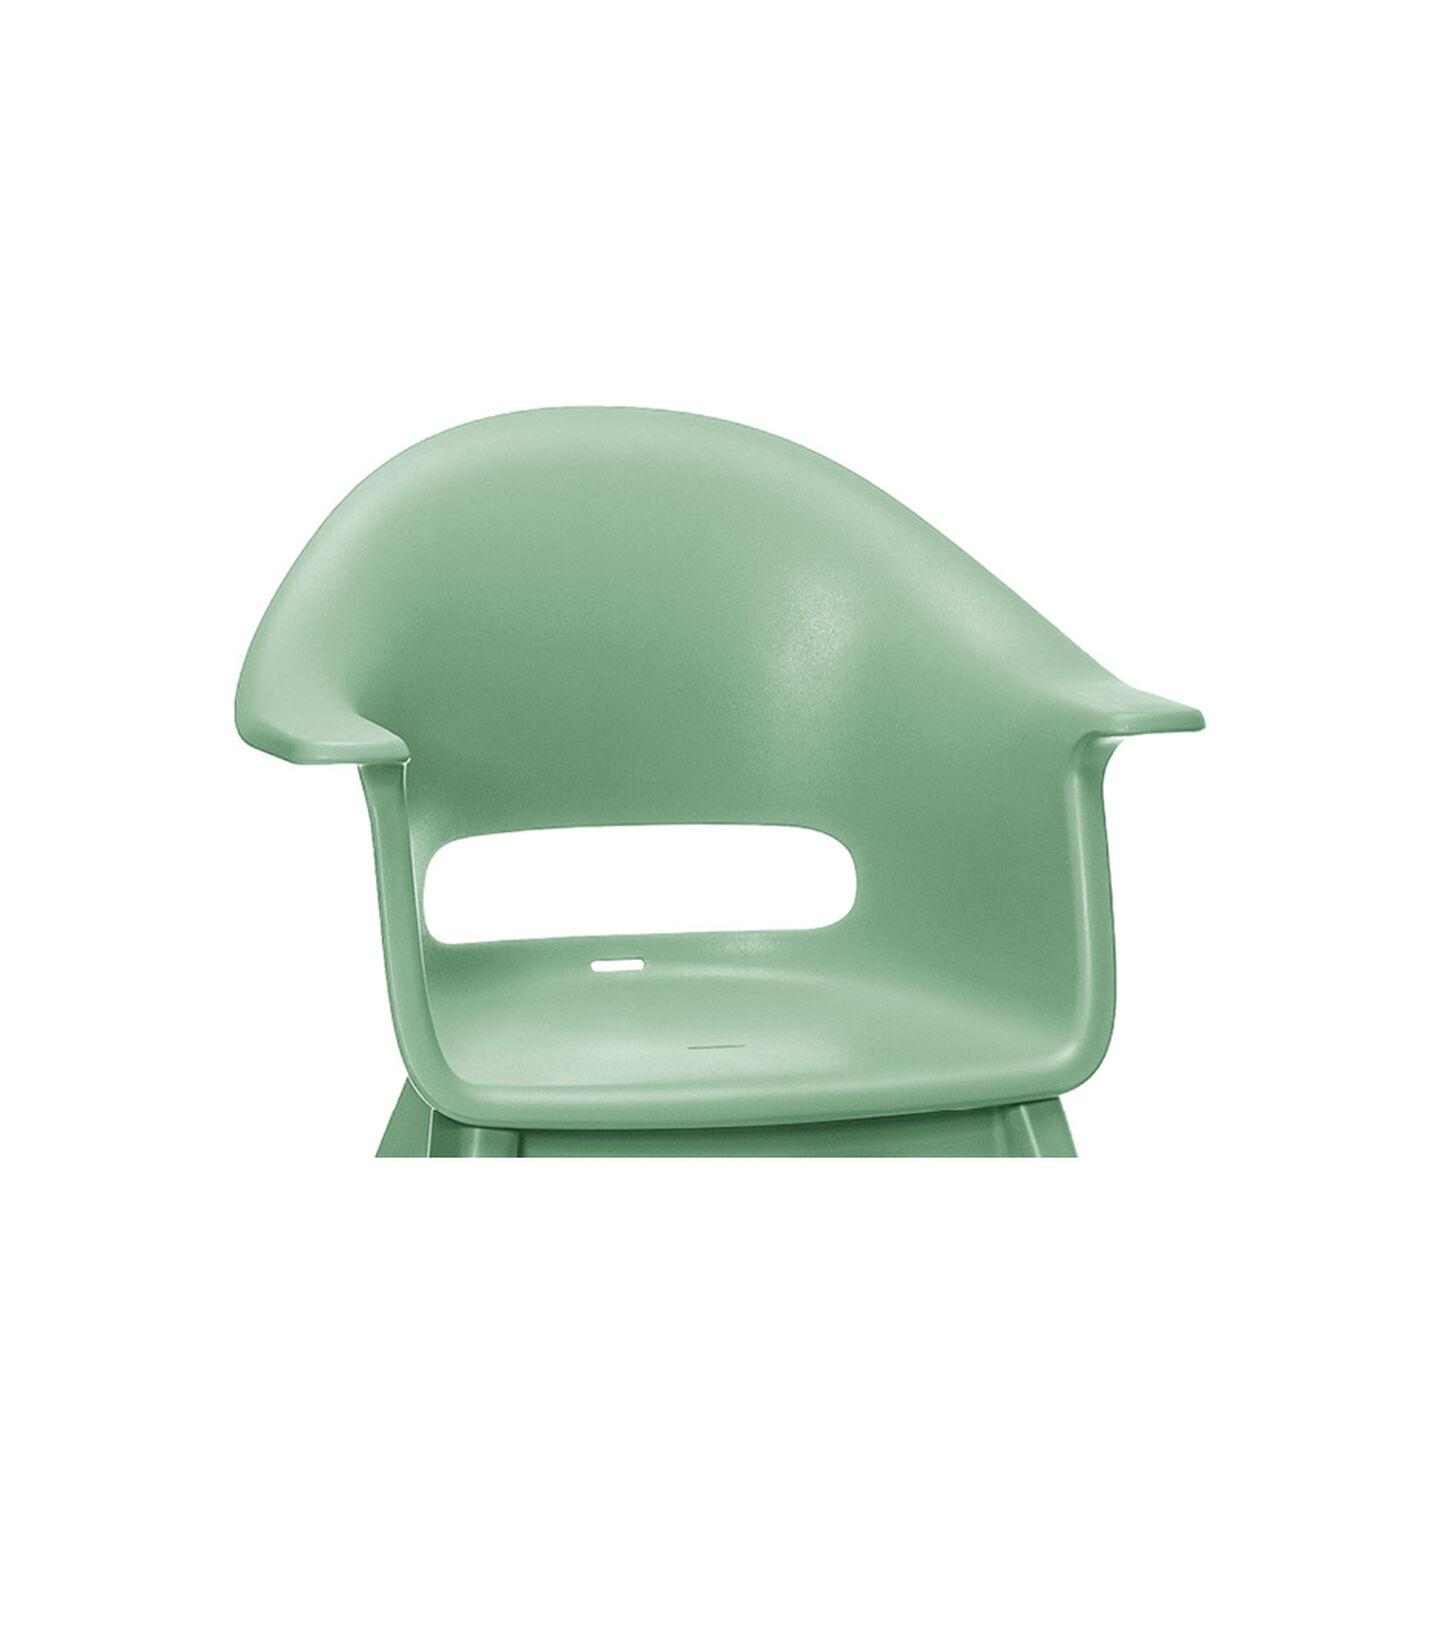 Stokke® Clikk™ Zitje Clover Green, Clover Green, mainview view 1